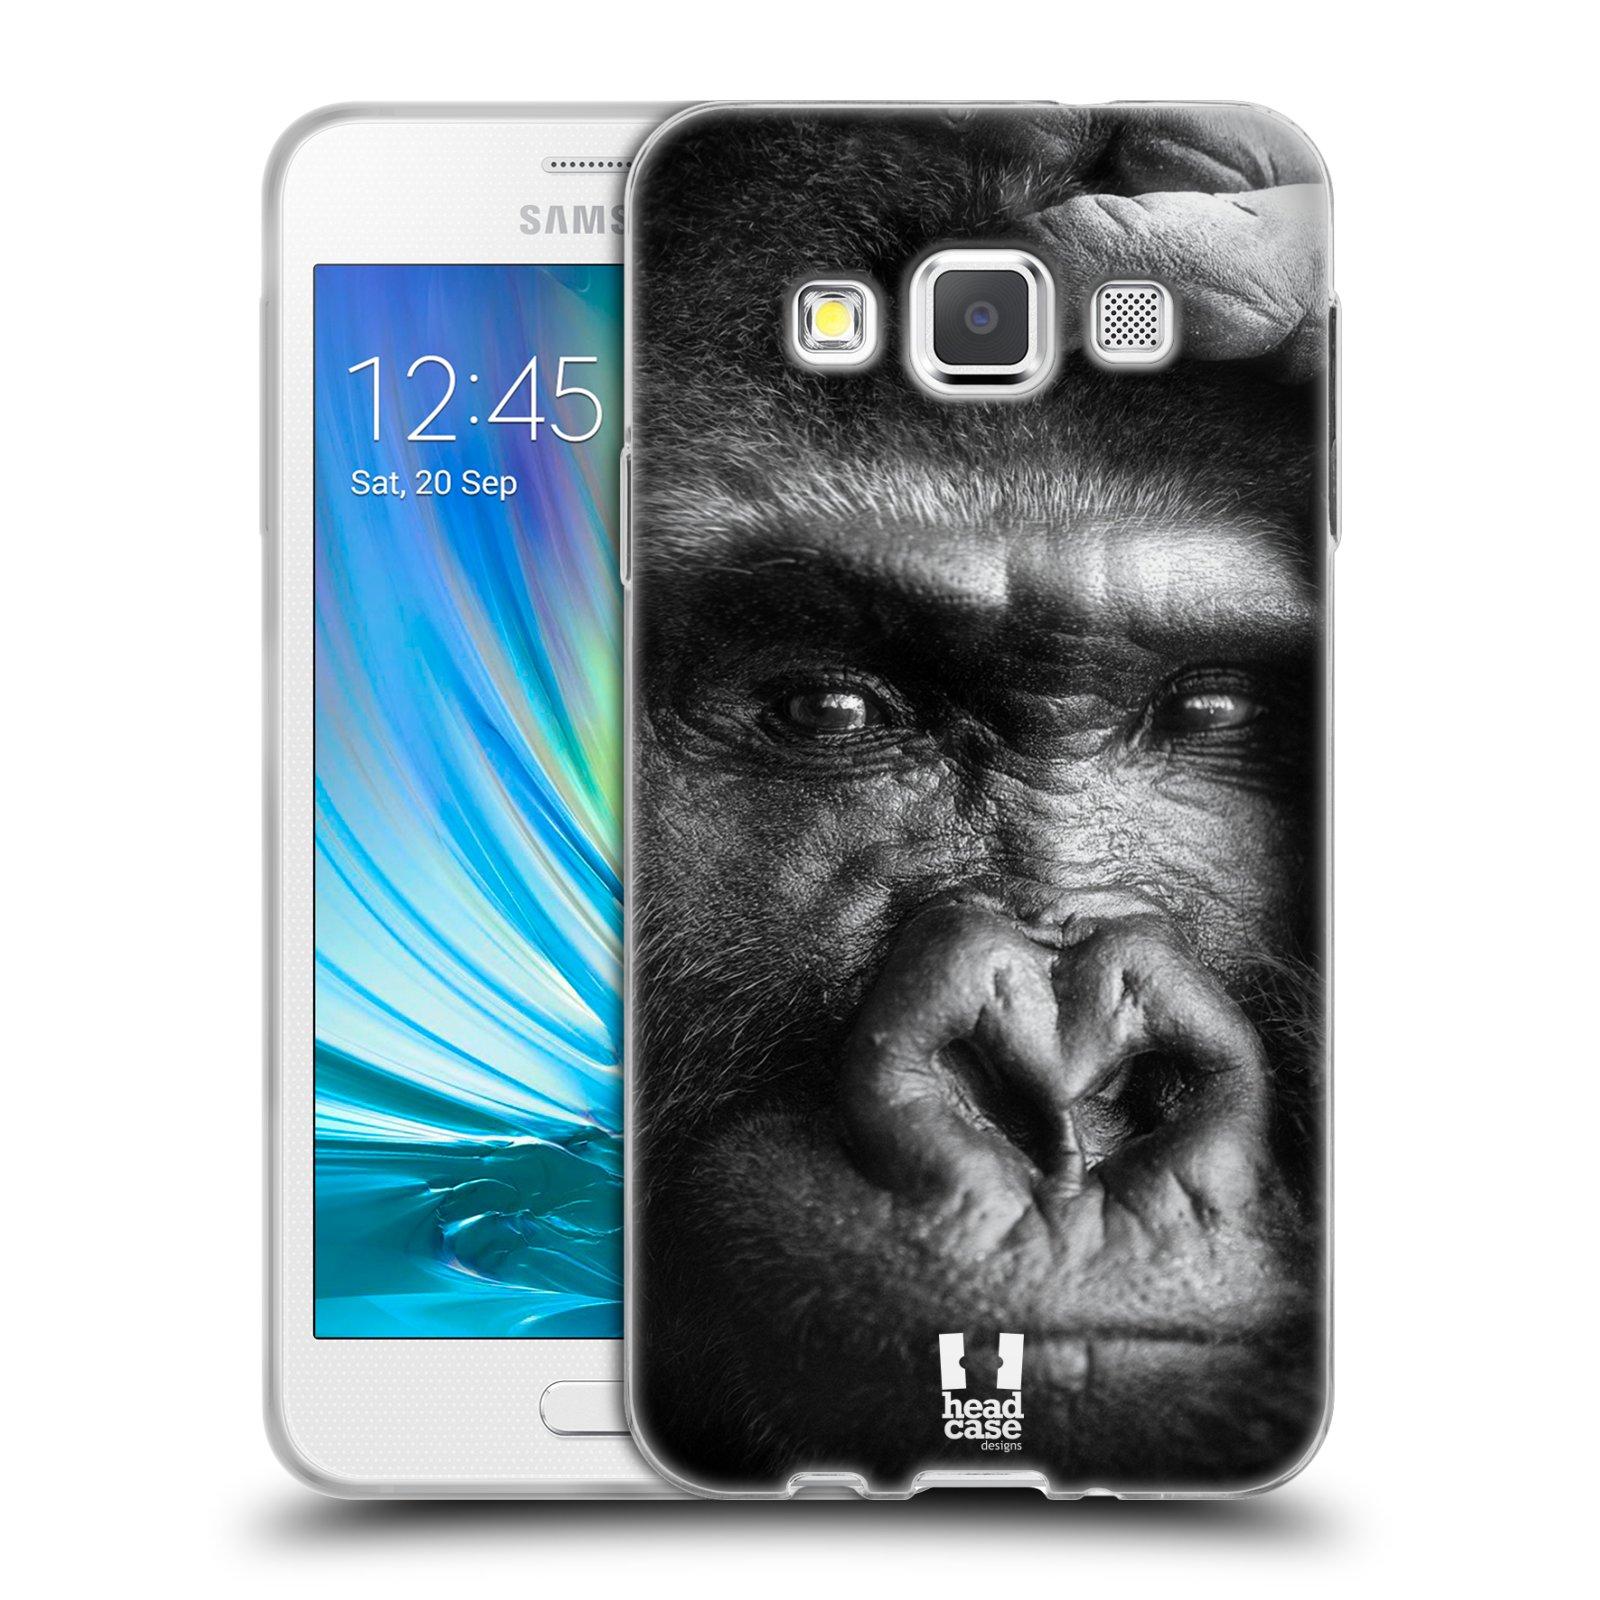 HEAD CASE silikonový obal na mobil Samsung Galaxy A3 vzor Divočina, Divoký život a zvířata foto GORILA TVÁŘ